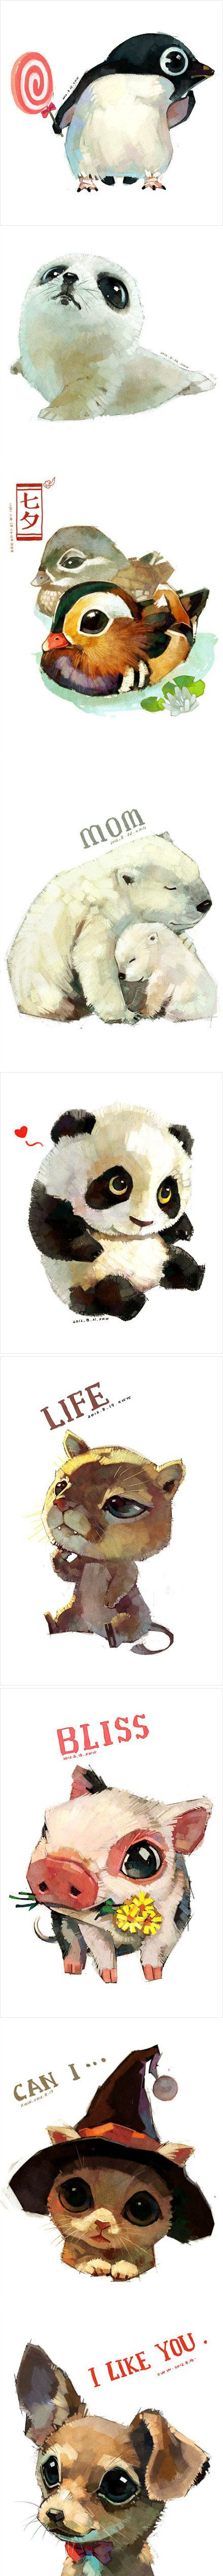 Wonder who this artist is....Disegni di animali carini. Ma così carini che vi esploderanno le palle degli occhi. (Drawings of cute animals . But so cute you will explode your eyeballs .)